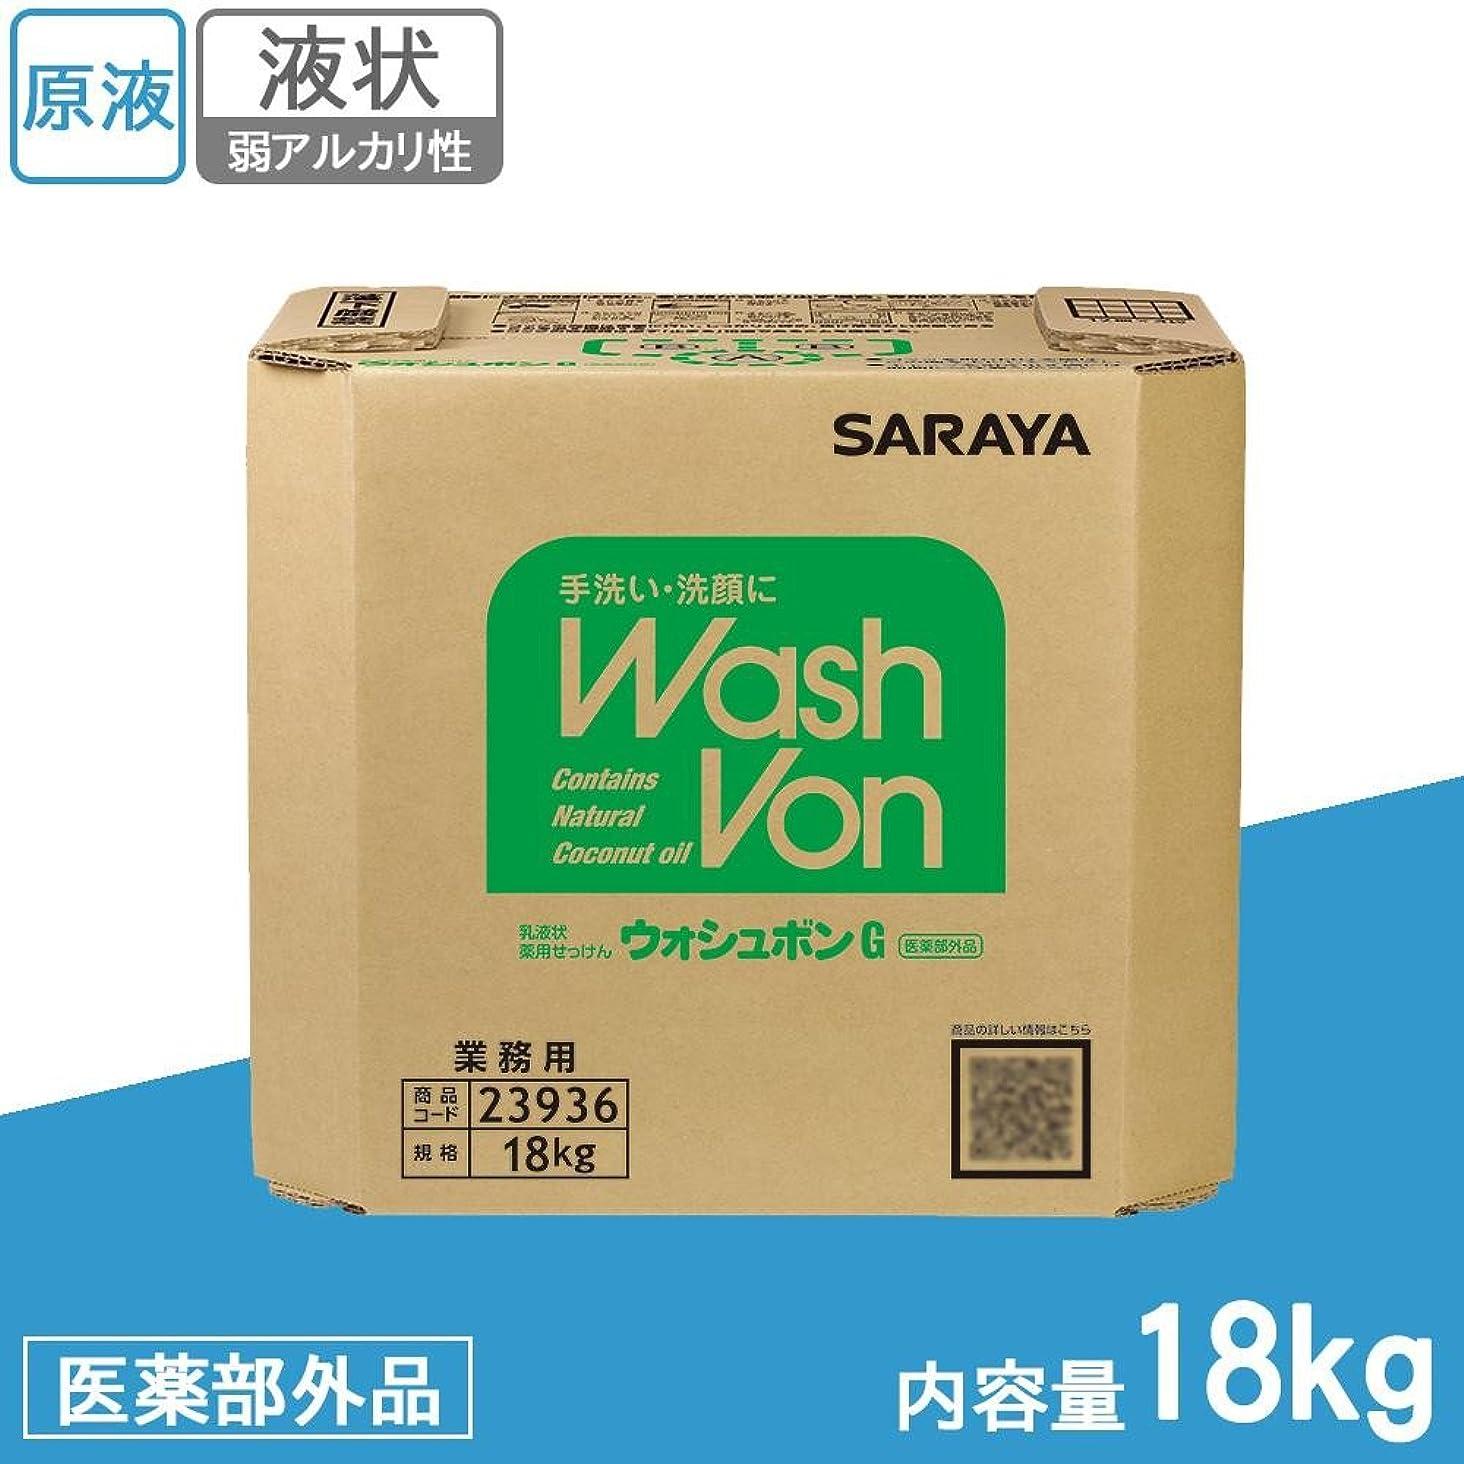 ボックス愛撫情緒的サラヤ 業務用 乳液状薬用せっけん ウォシュボンG 18kg BIB 23936 (医薬部外品)